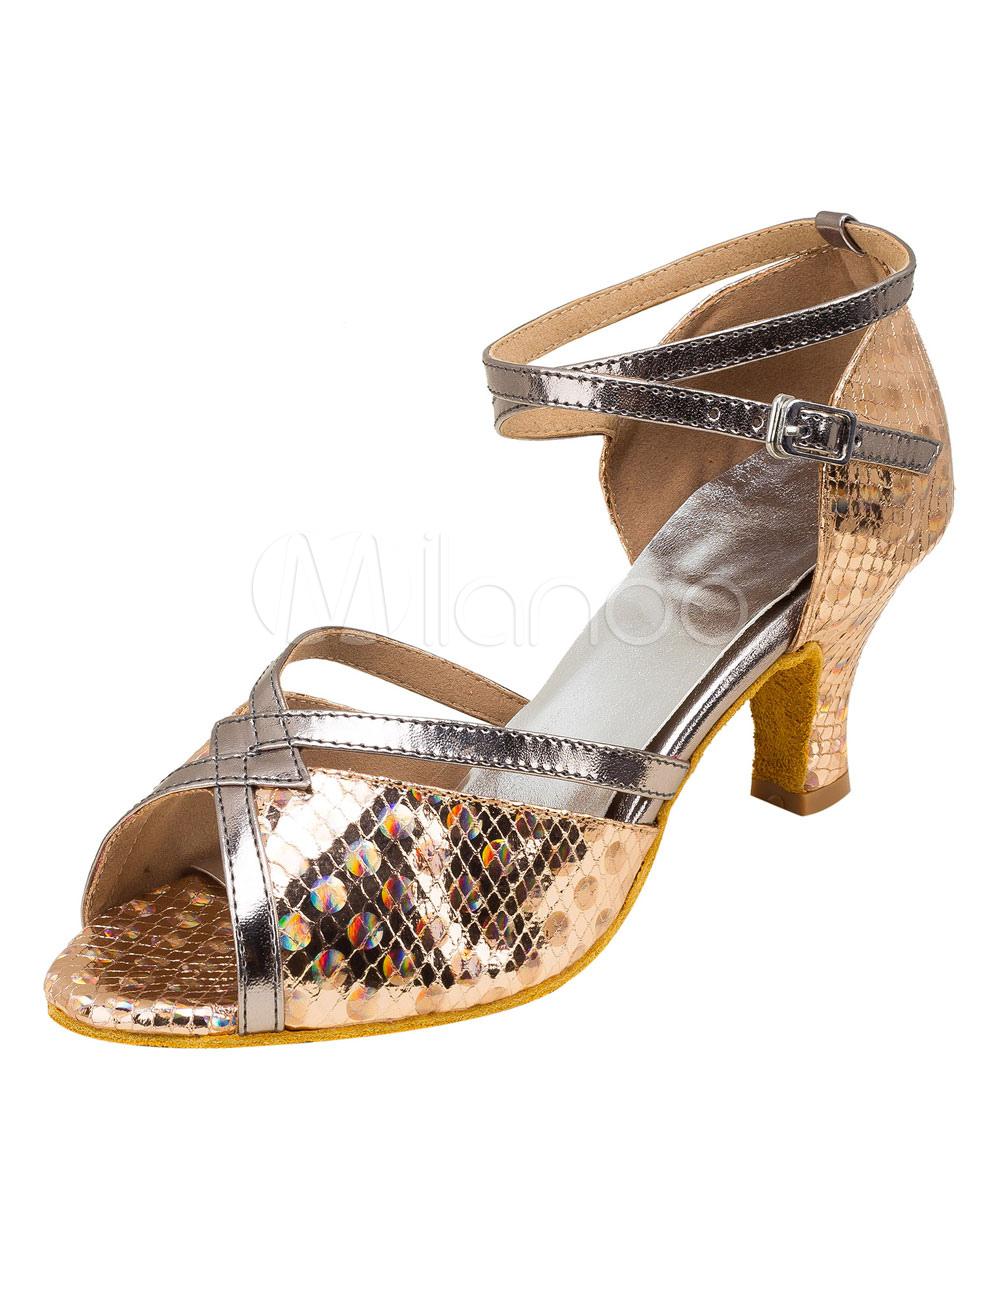 Zapatos de bailes latinos de PU Tacón bobina para baile de punter Peep Toe 8leBxTl9ys